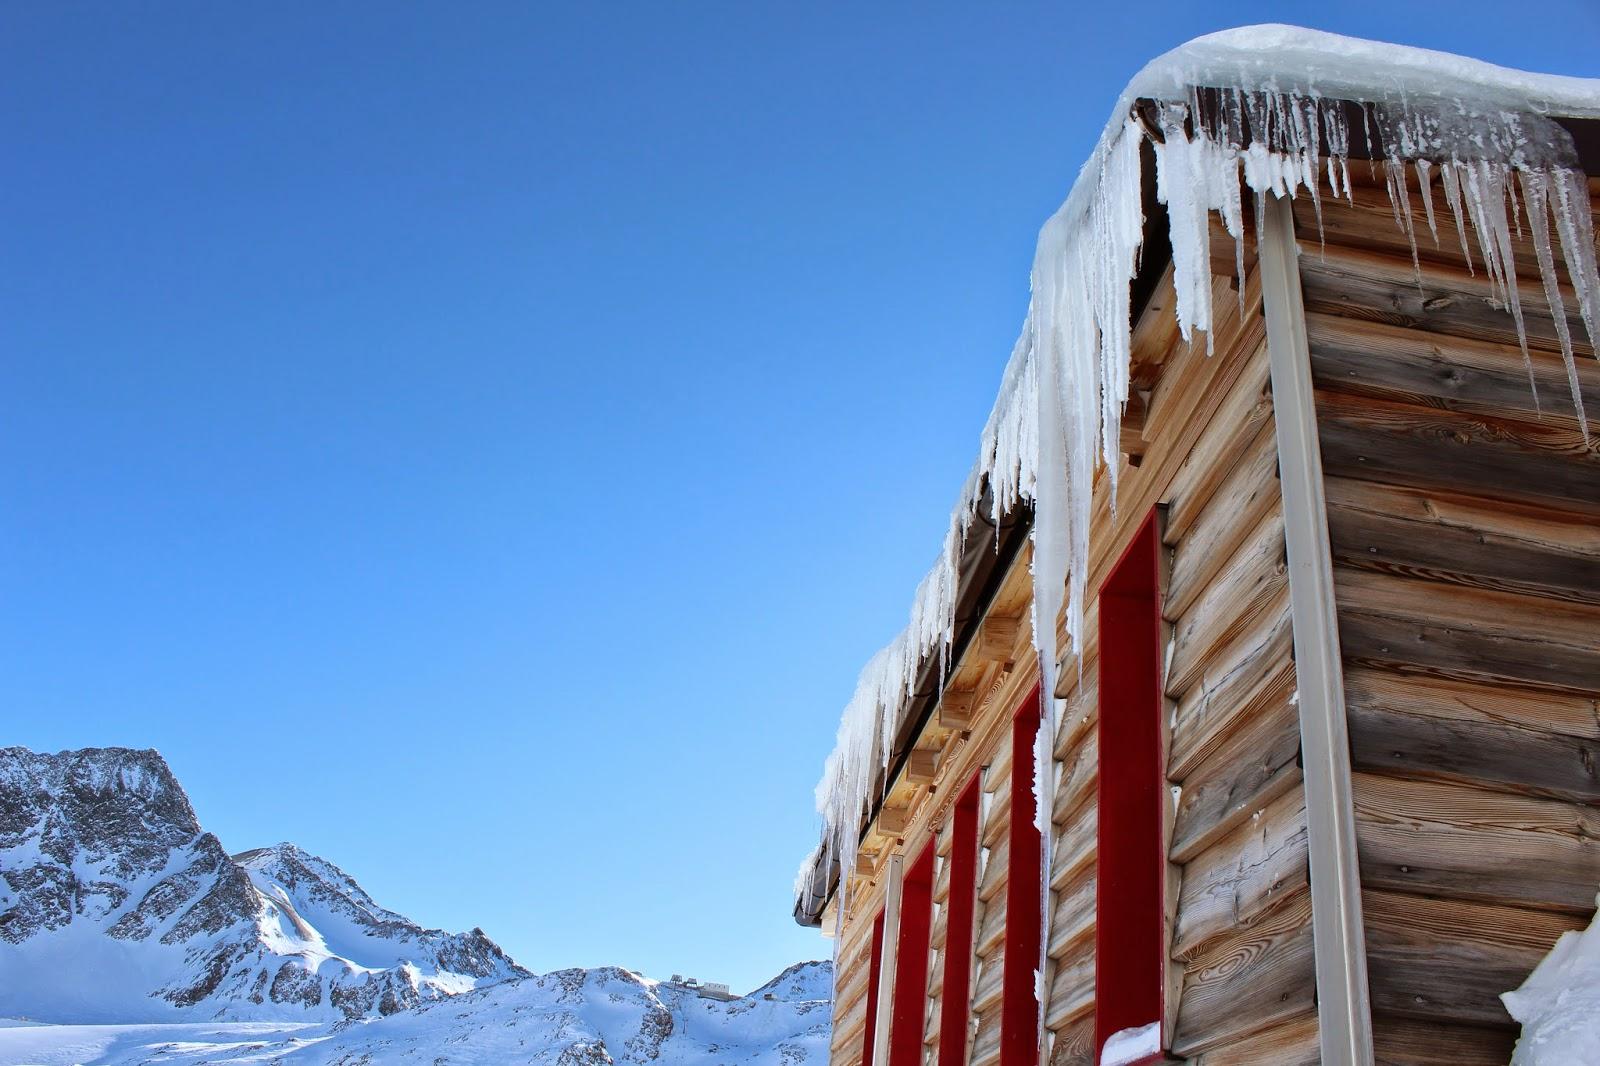 sople lodu, królowa śniegu, ski italy travel, blogerka szczecin poland,inspiracje wnętrza, interiors design,piękny widok, góry, mountain